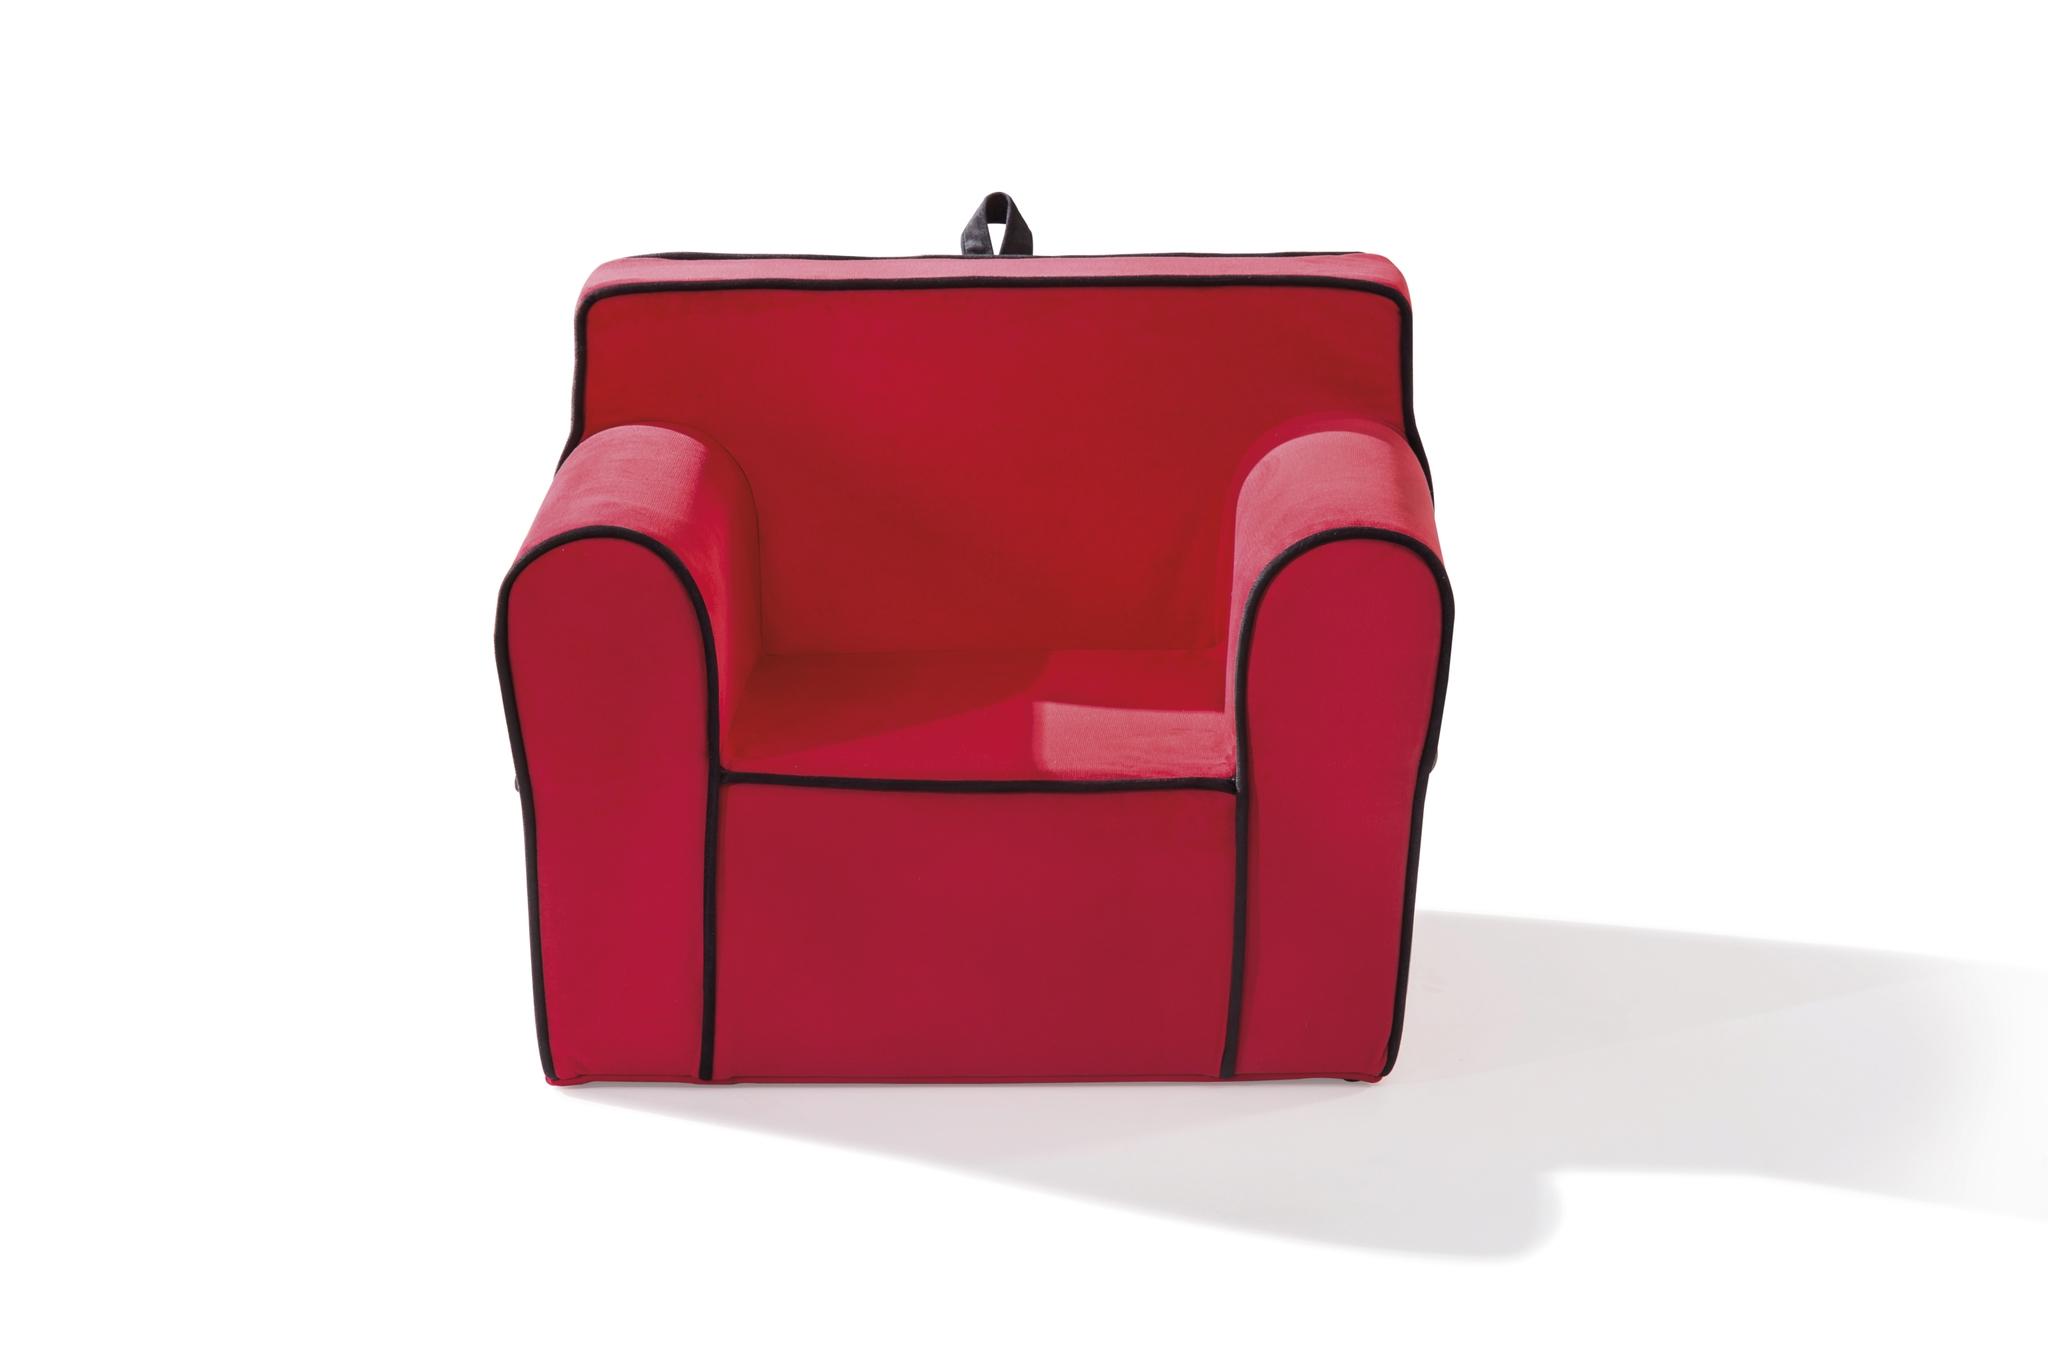 Fotoliu pentru copii tapitat cu stofa Comfort Red, l61xA49xH52 cm imagine